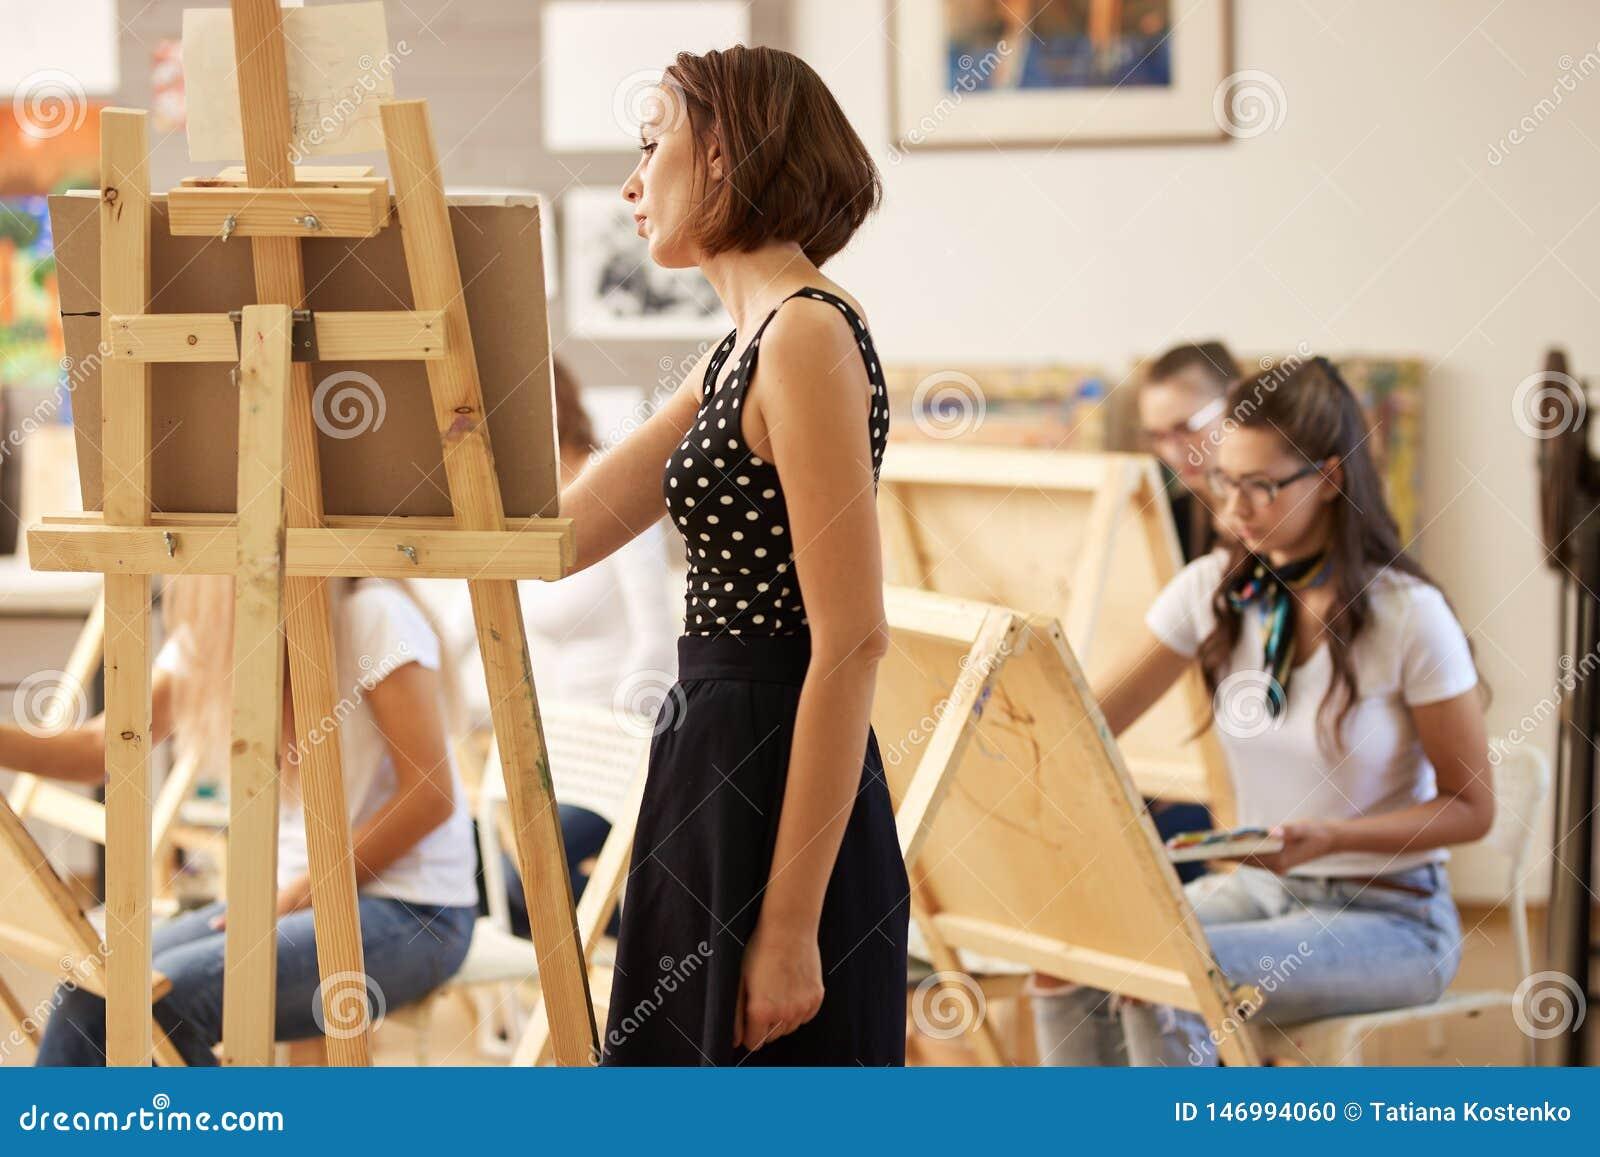 Powabny rysunkowy nauczyciel w pi?knej sukni pokazuje rysunkow? technik? przy sztalug? w sztuki studiu